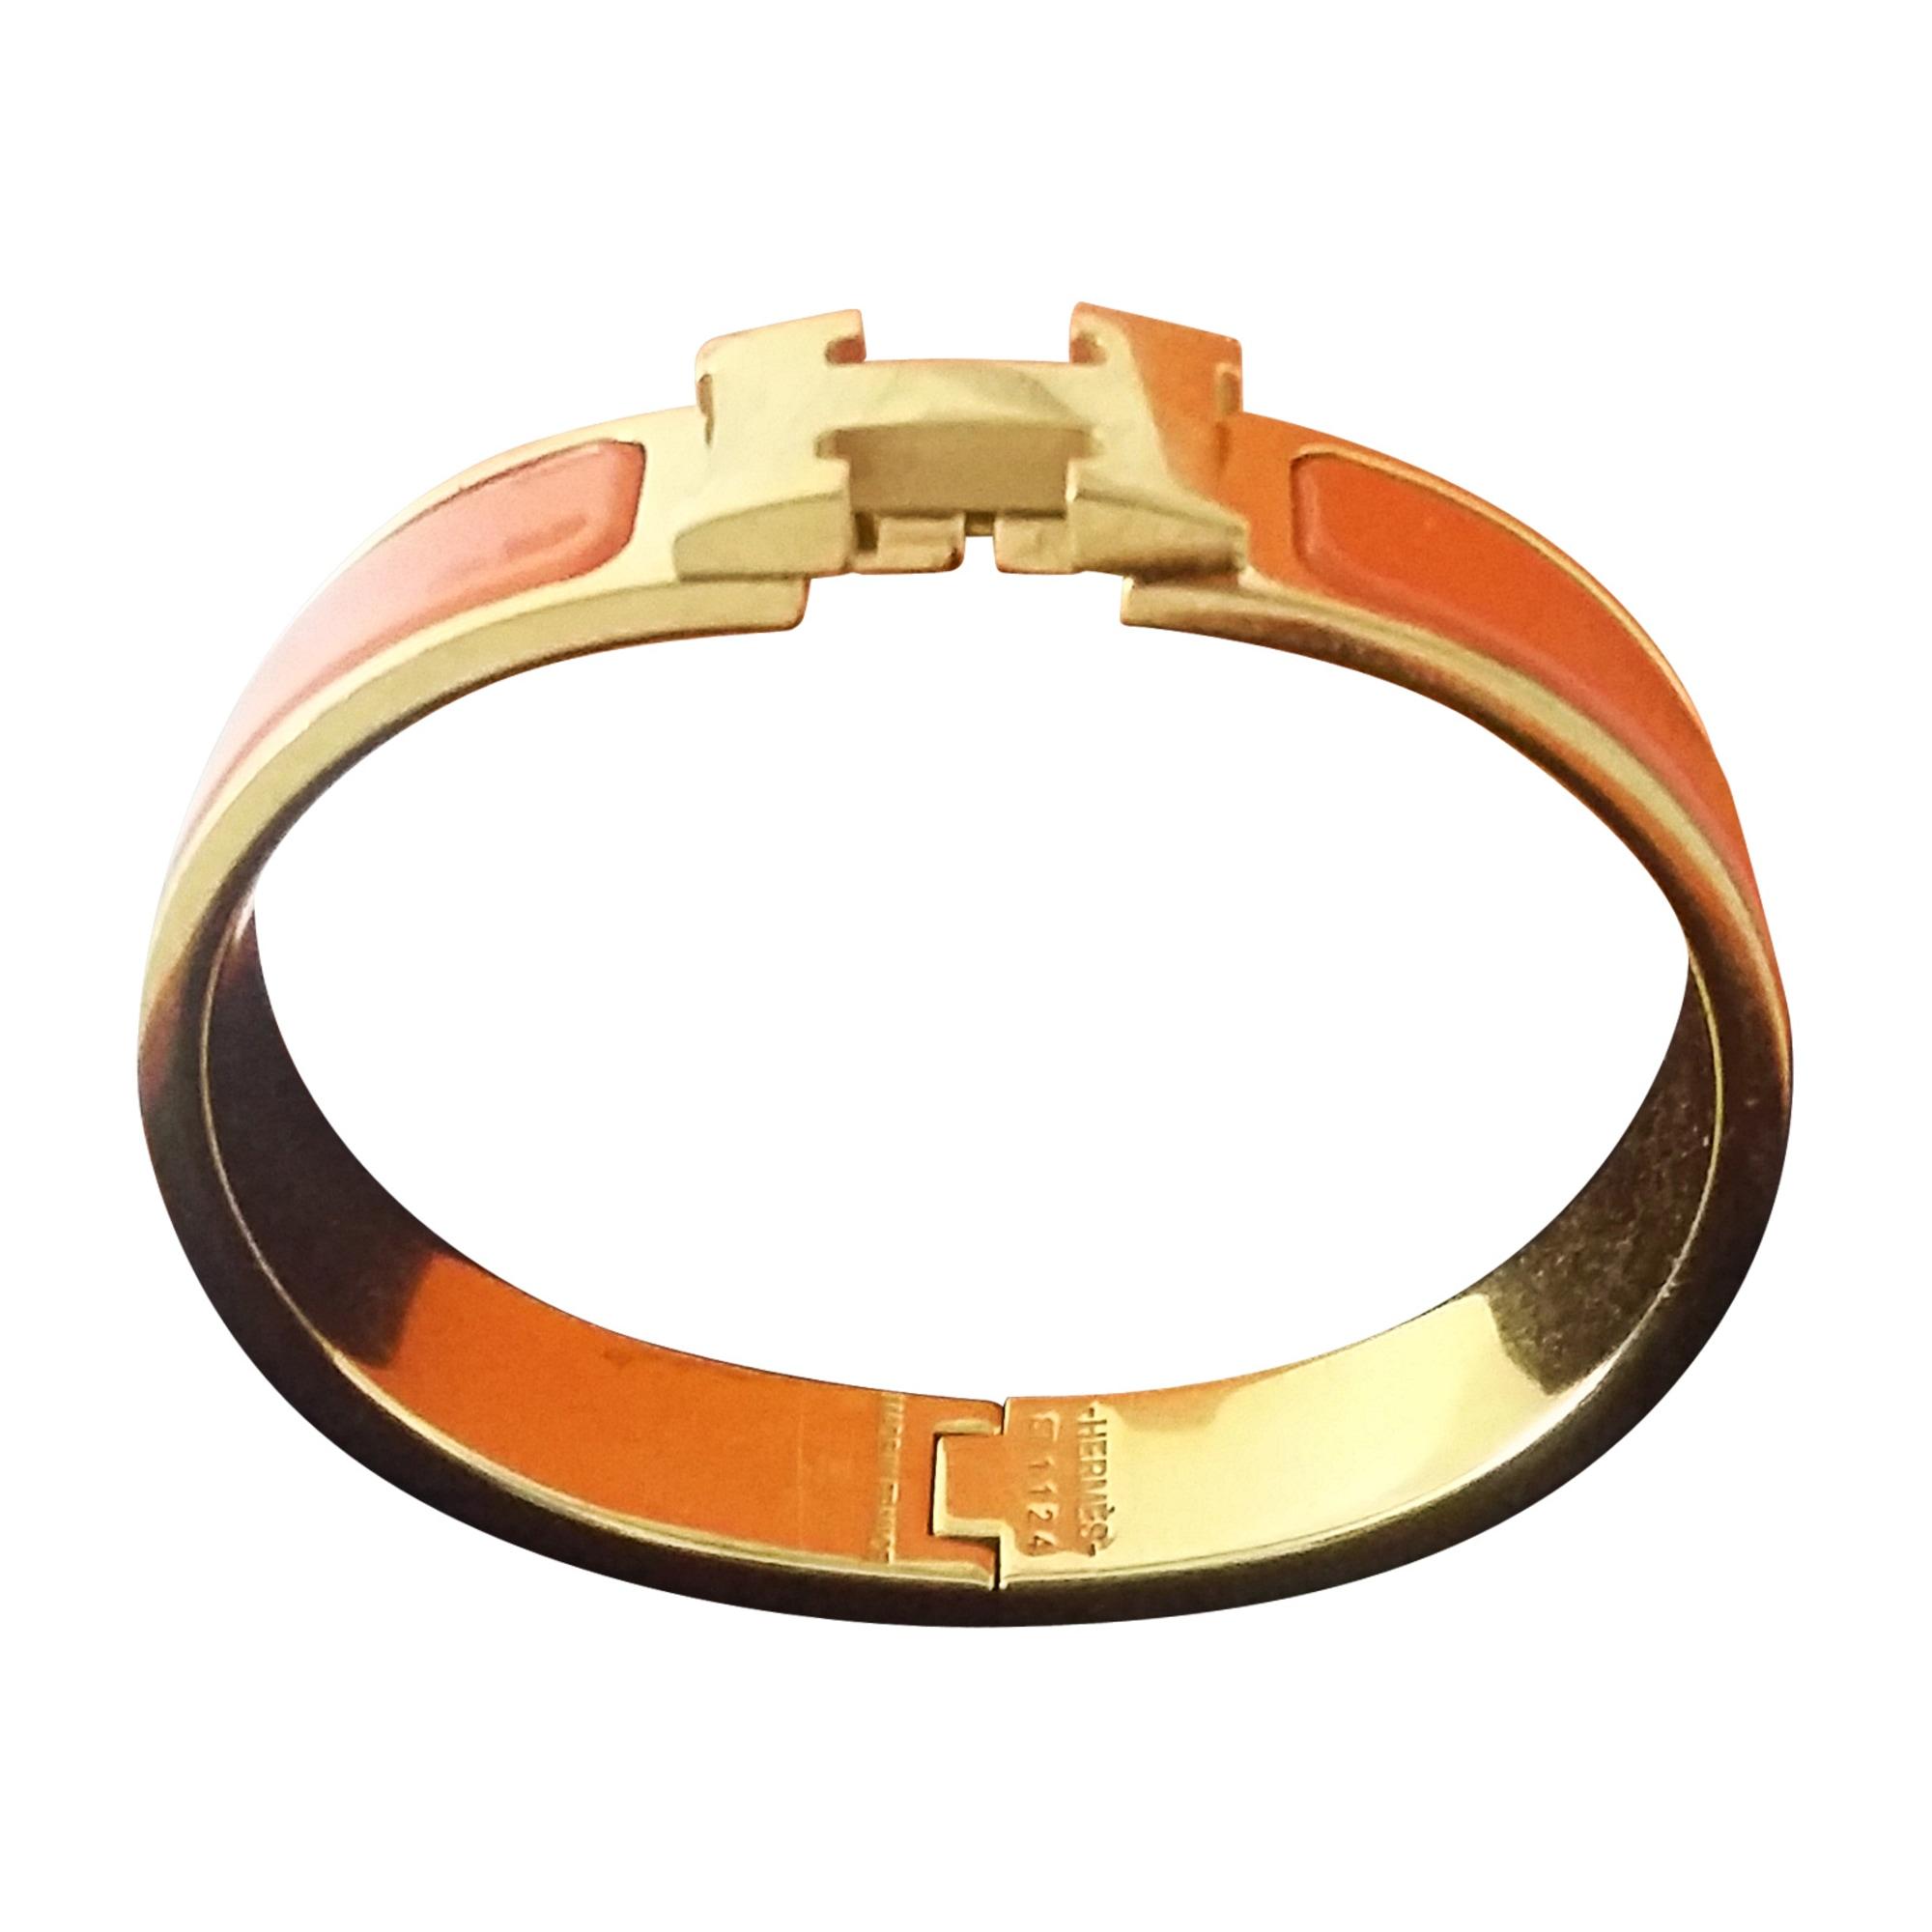 Bracelet HERMÈS clic h orange vendu par Vis - 7644290 181319e8cad